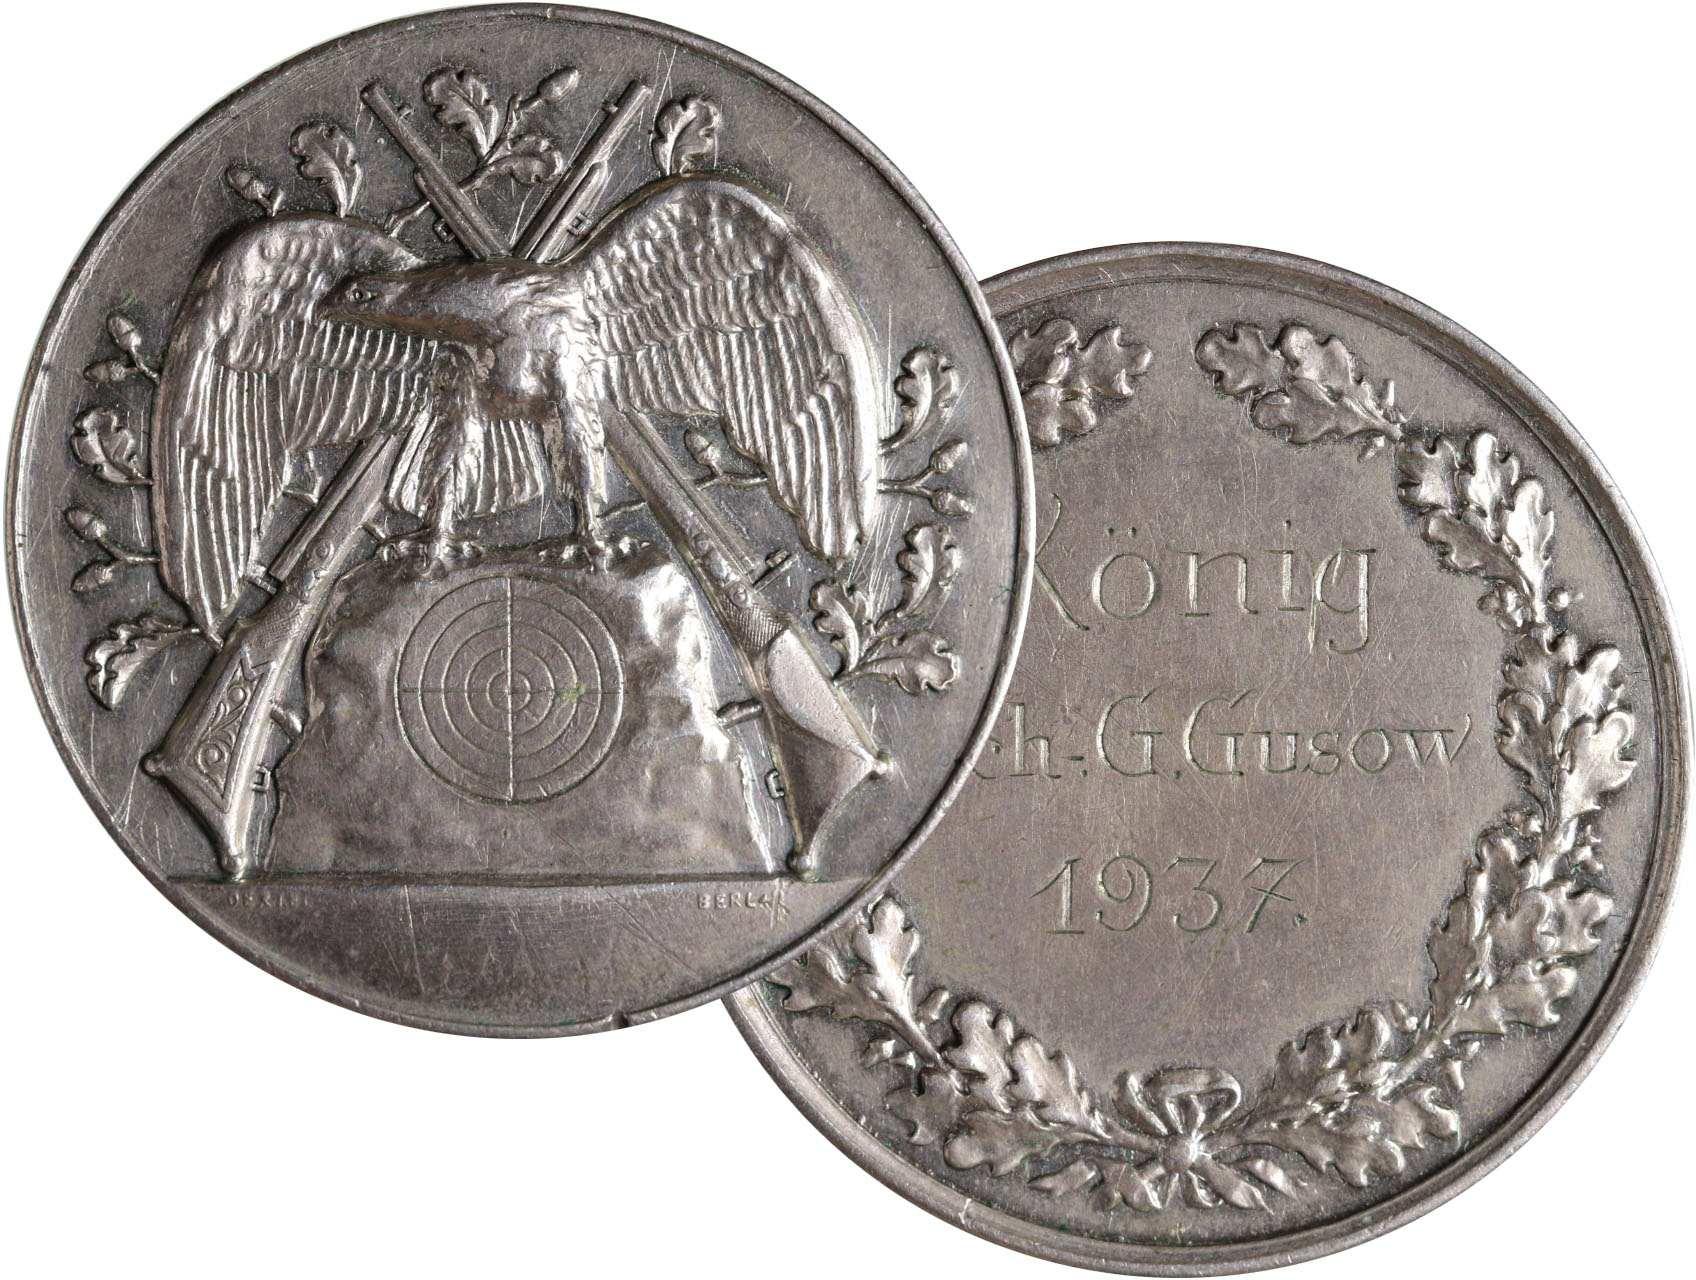 Německo, Ag střelecká medaile střelby Berlín, udělená 1937, Oertel